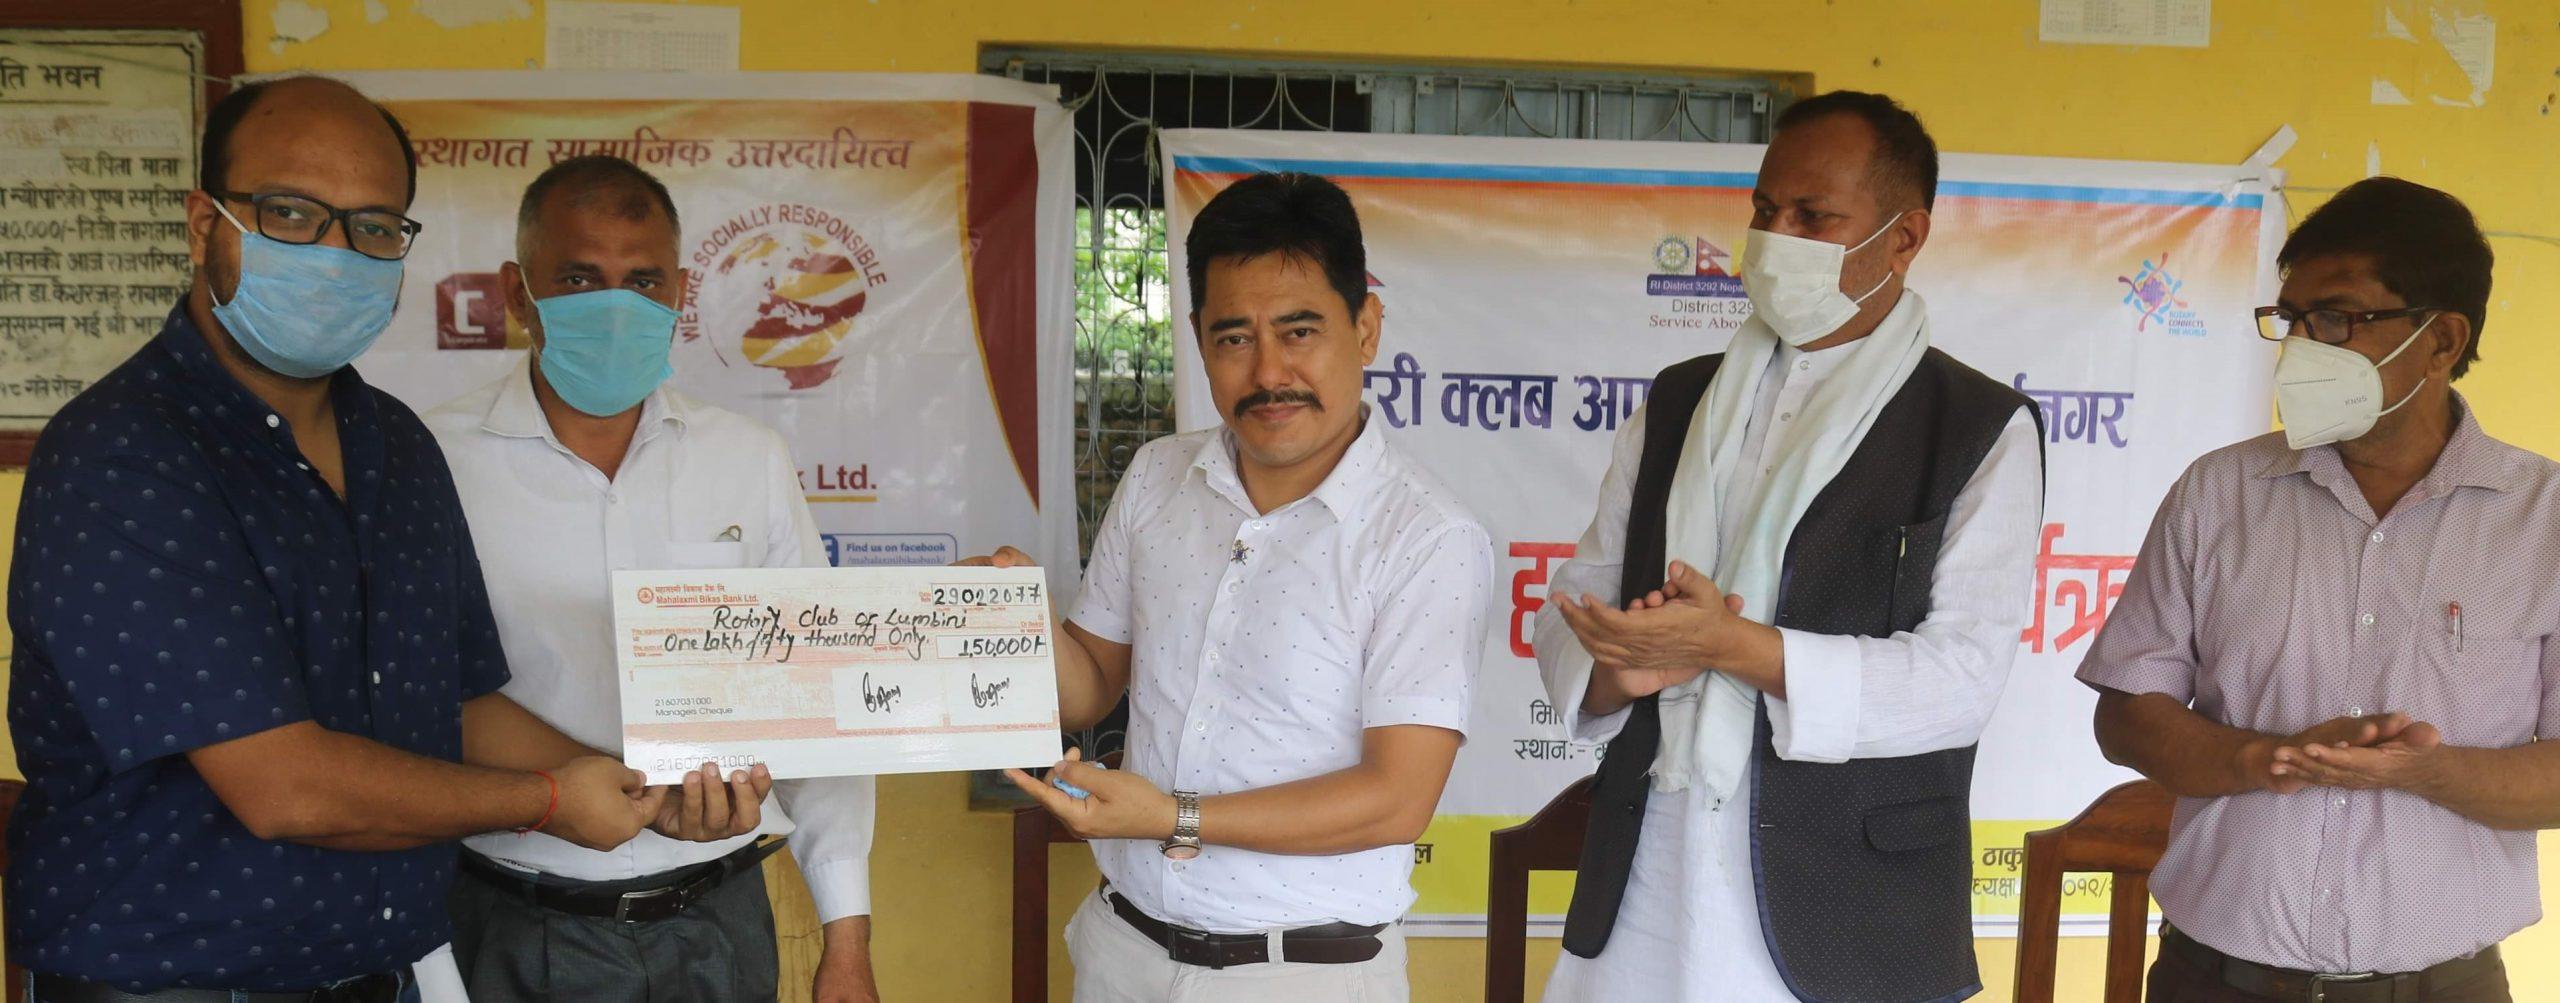 महालक्ष्मी बैङ्कद्वारा विद्यालयमा शौचालय निर्माणका लागि तीन लाख सहयोग